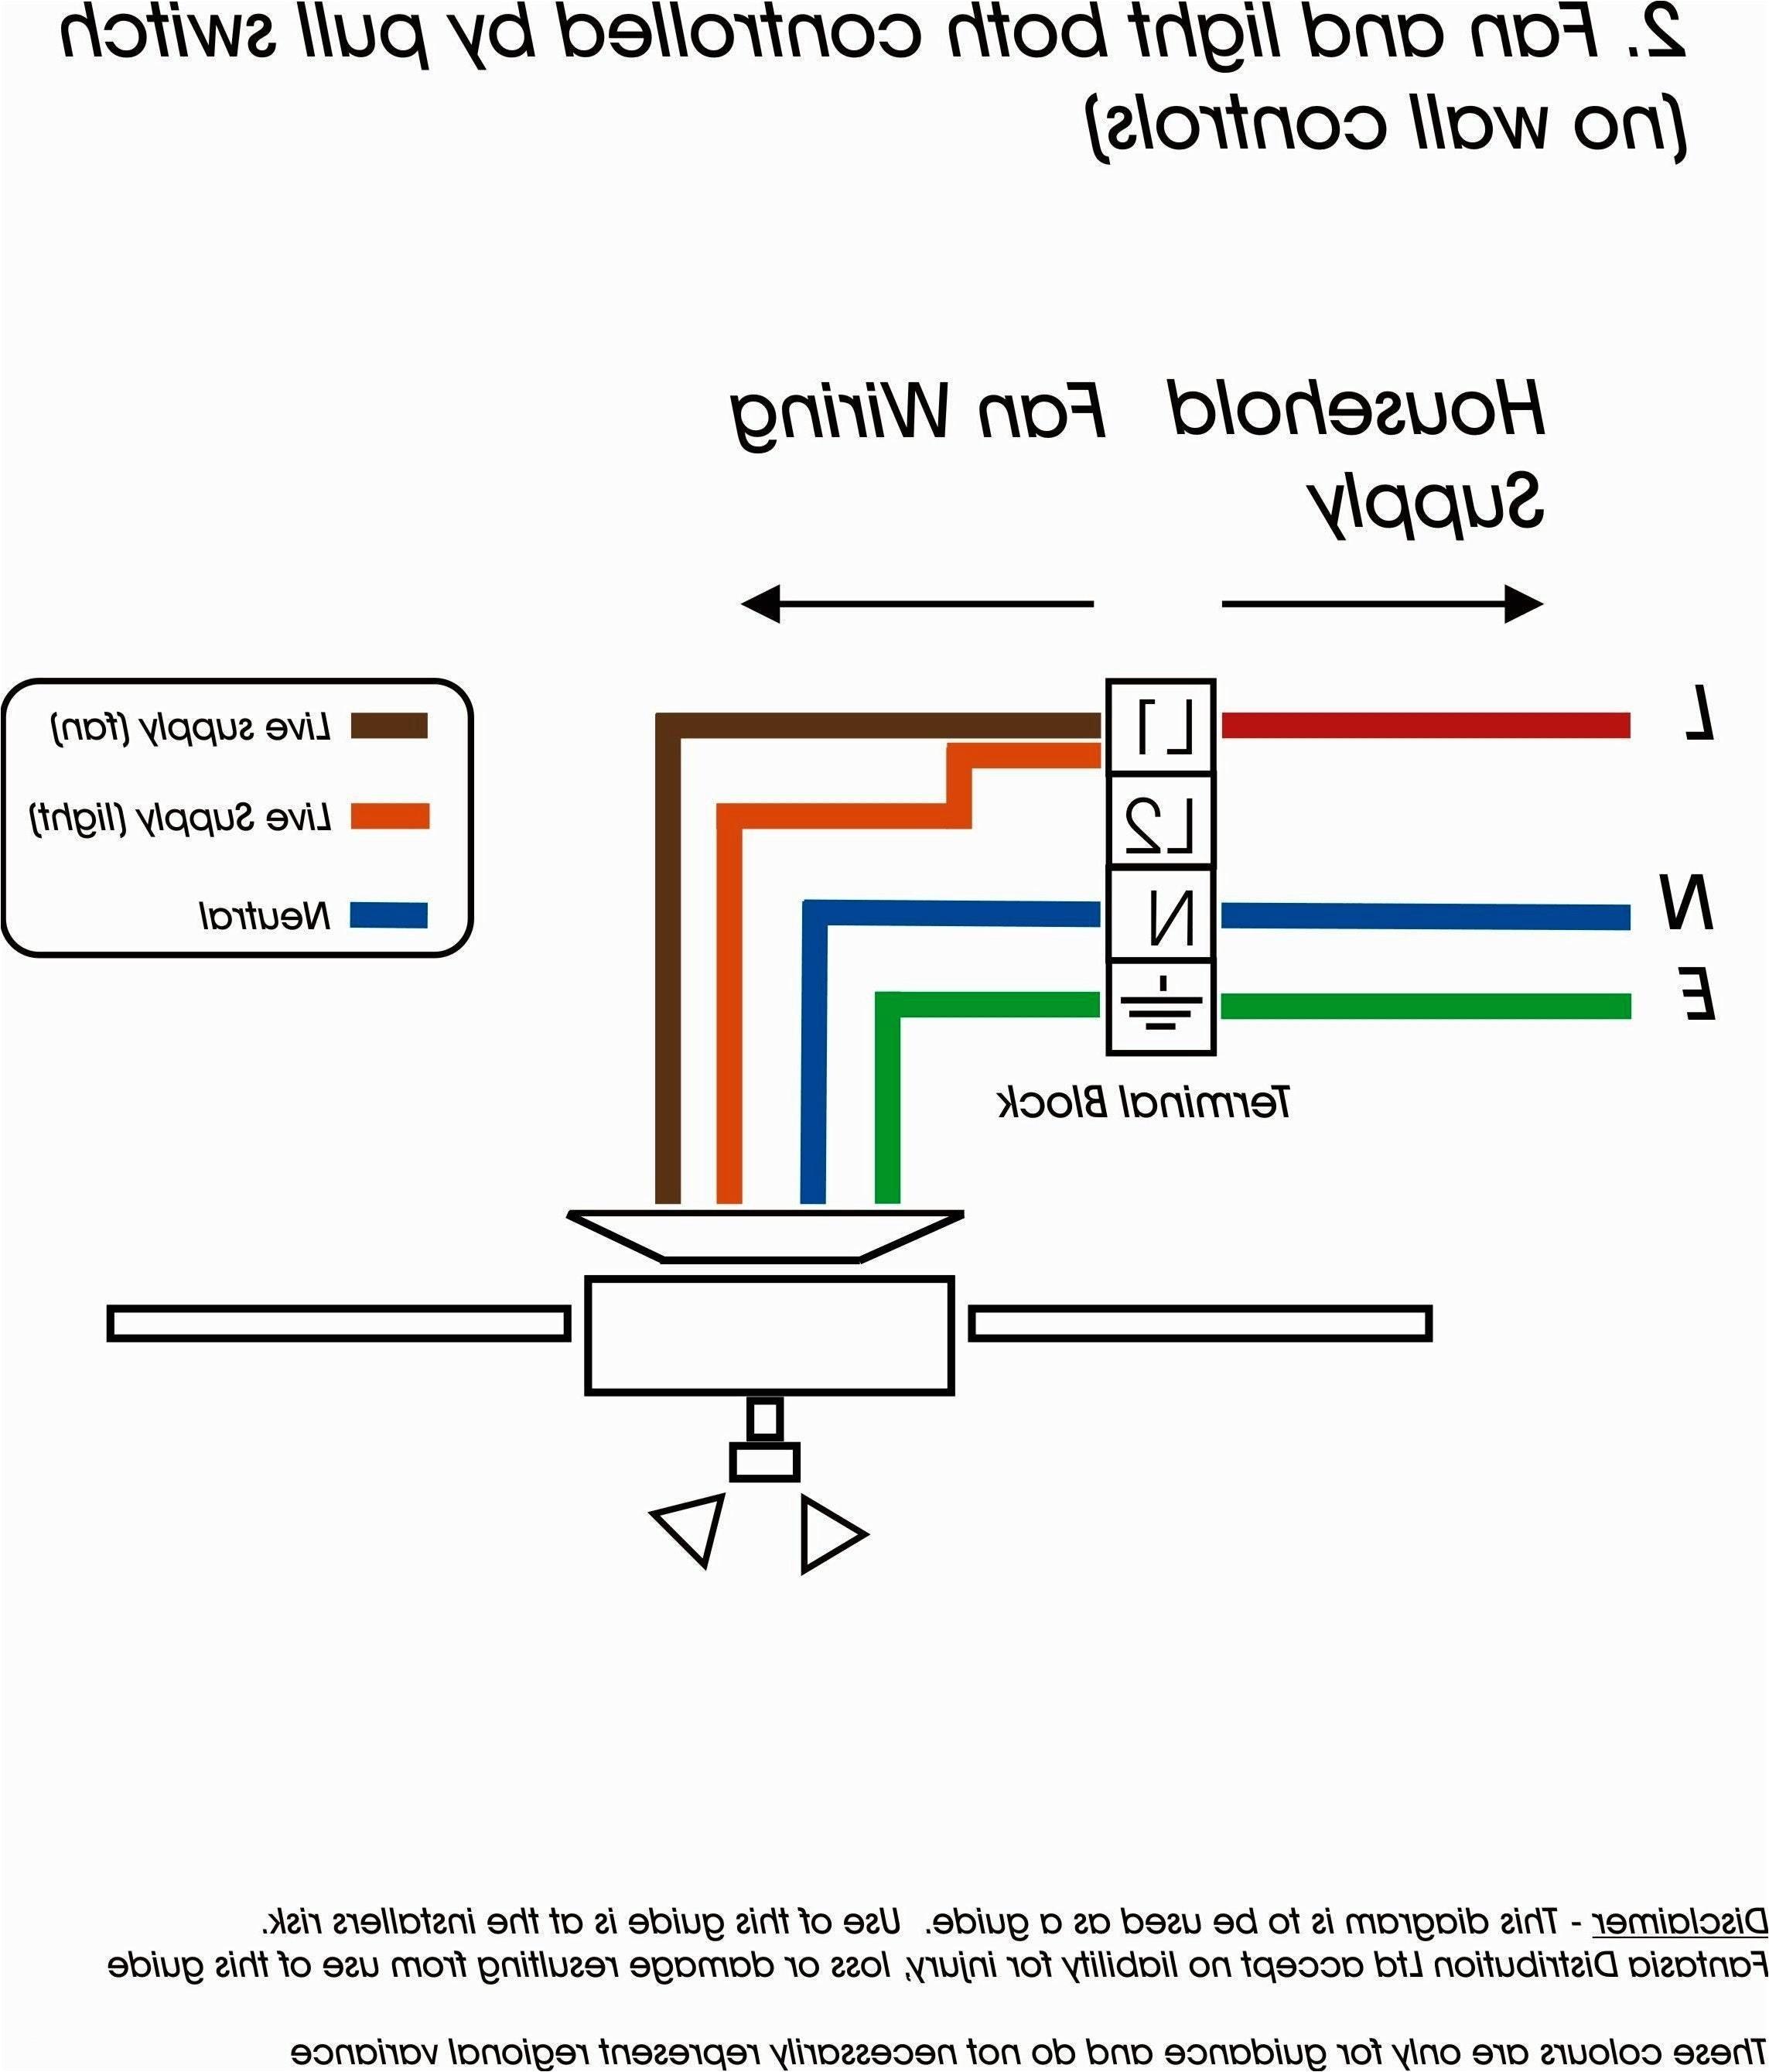 cat 5 wiring diagram 58a wiring diagrams cat 5 wiring diagram 58a